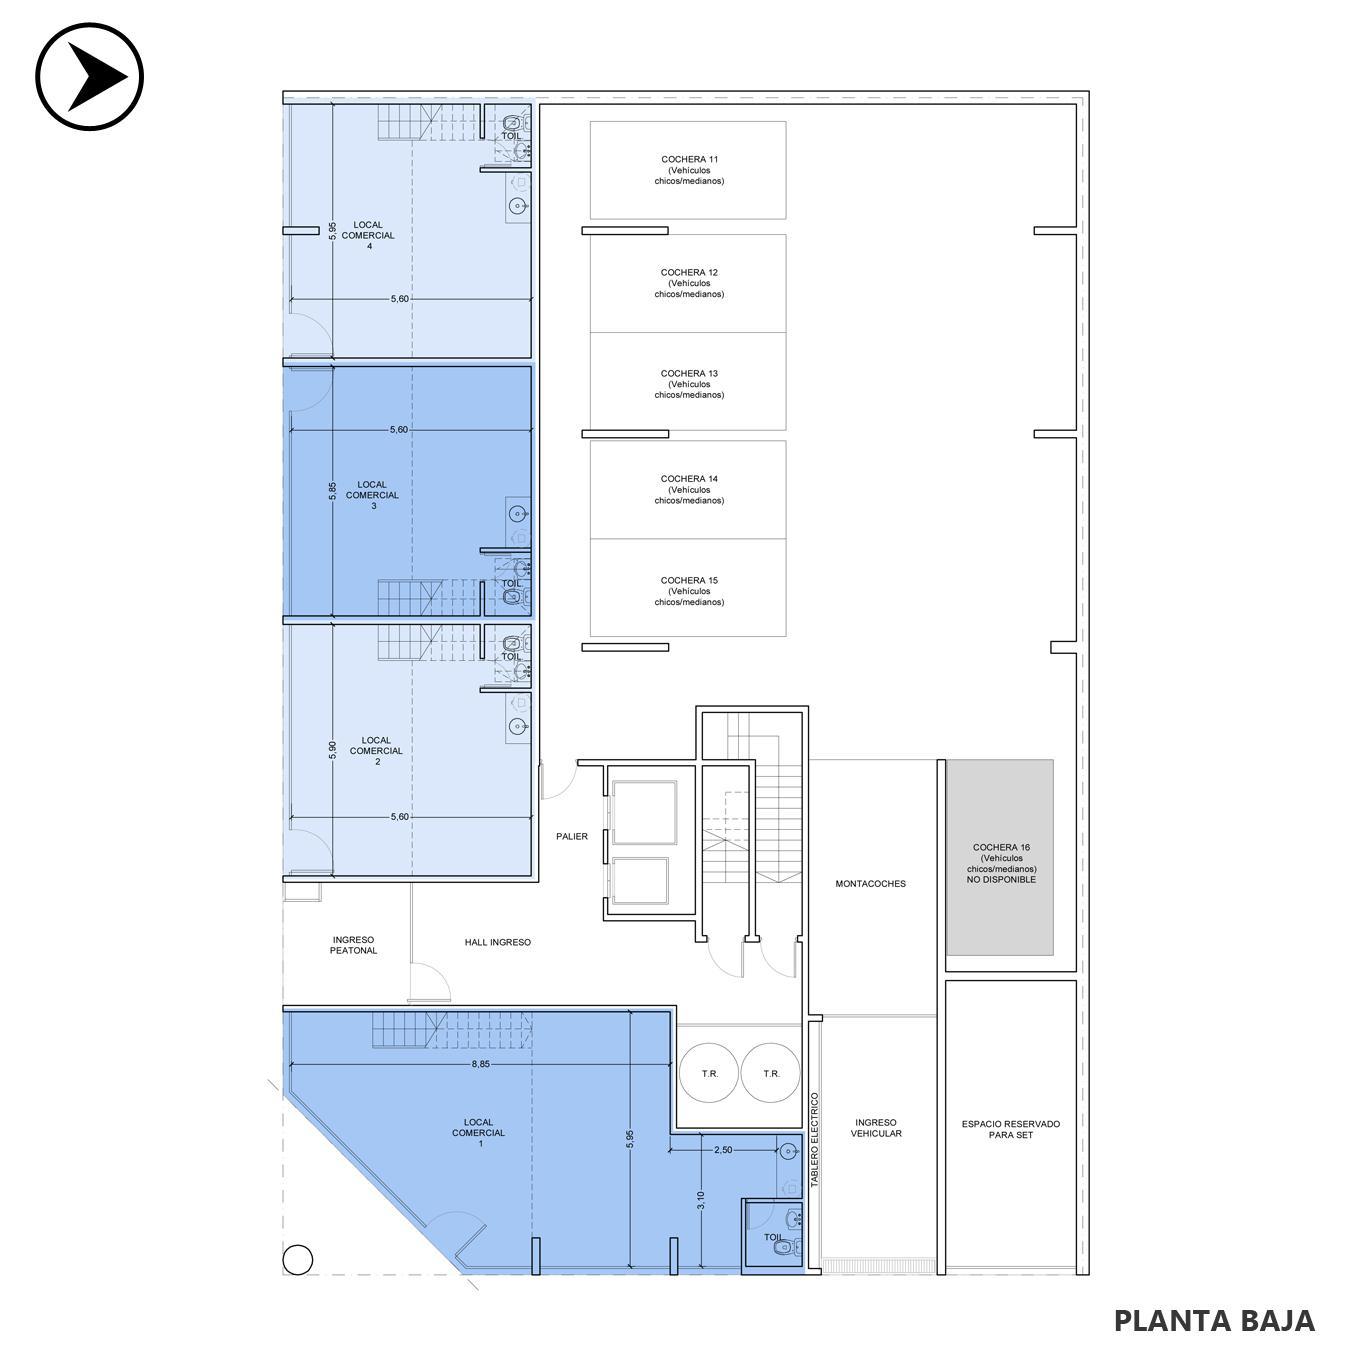 Venta departamento 1 dormitorio Rosario, República De La Sexta. Cod CBU24602 AP2290995. Crestale Propiedades